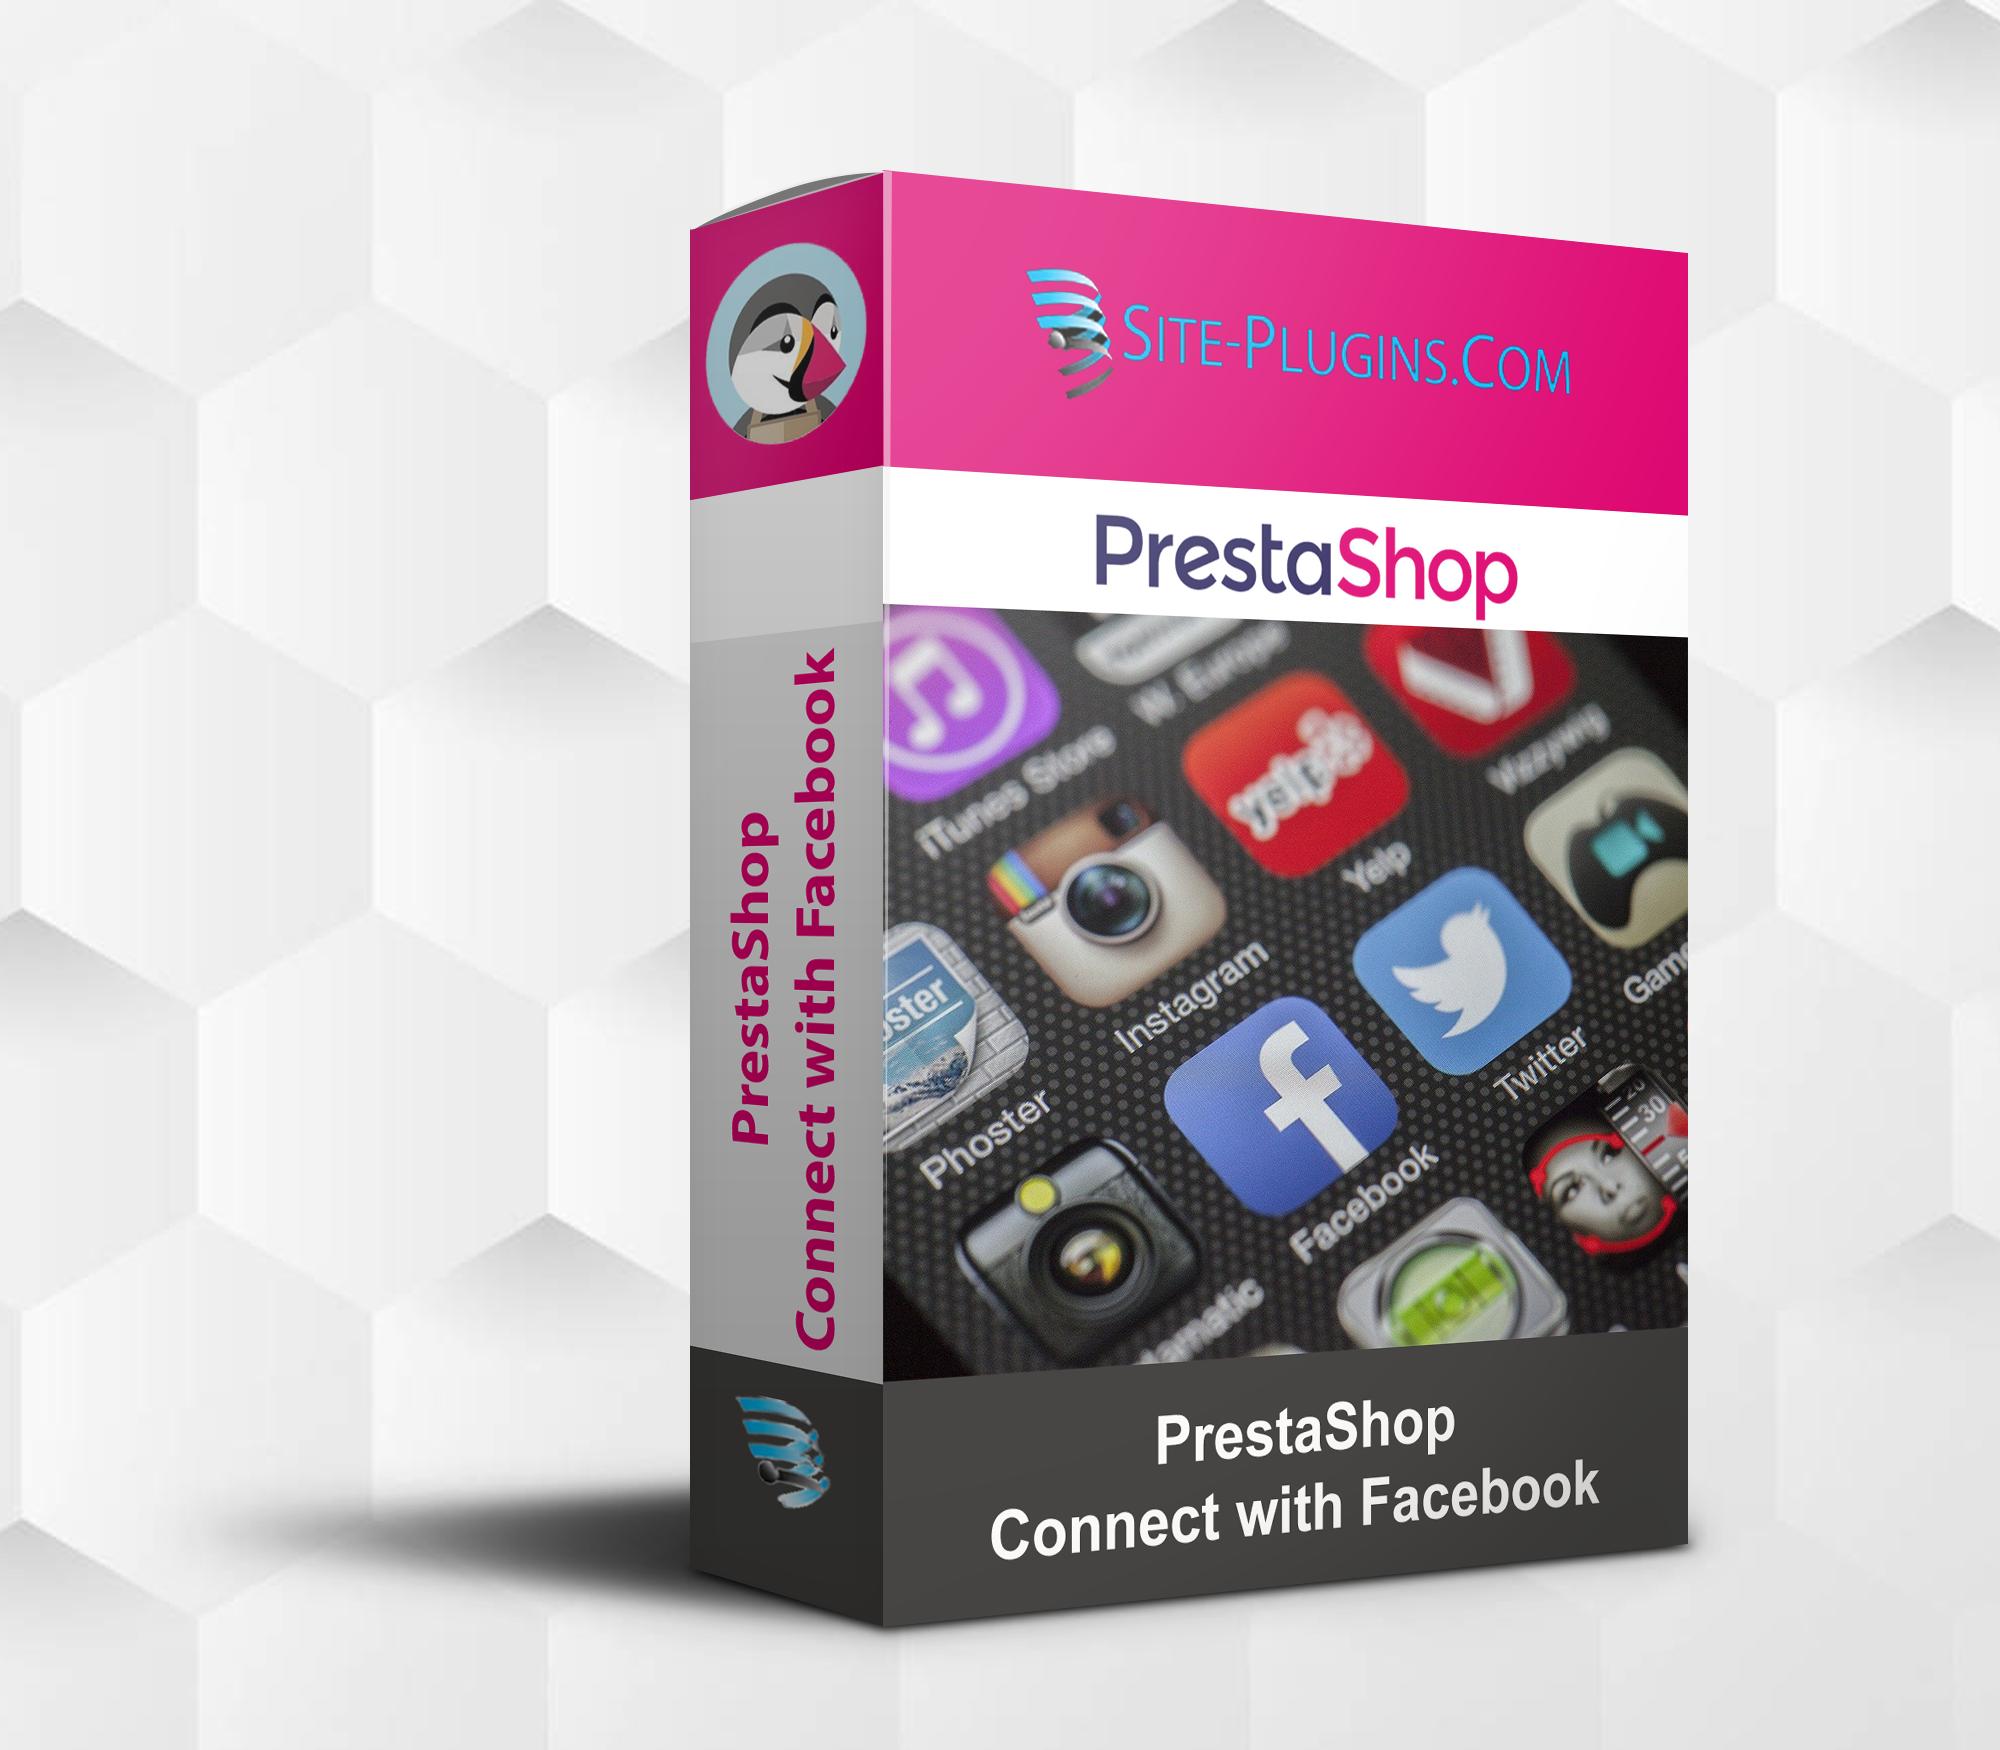 PrestaShop connect with Facebook